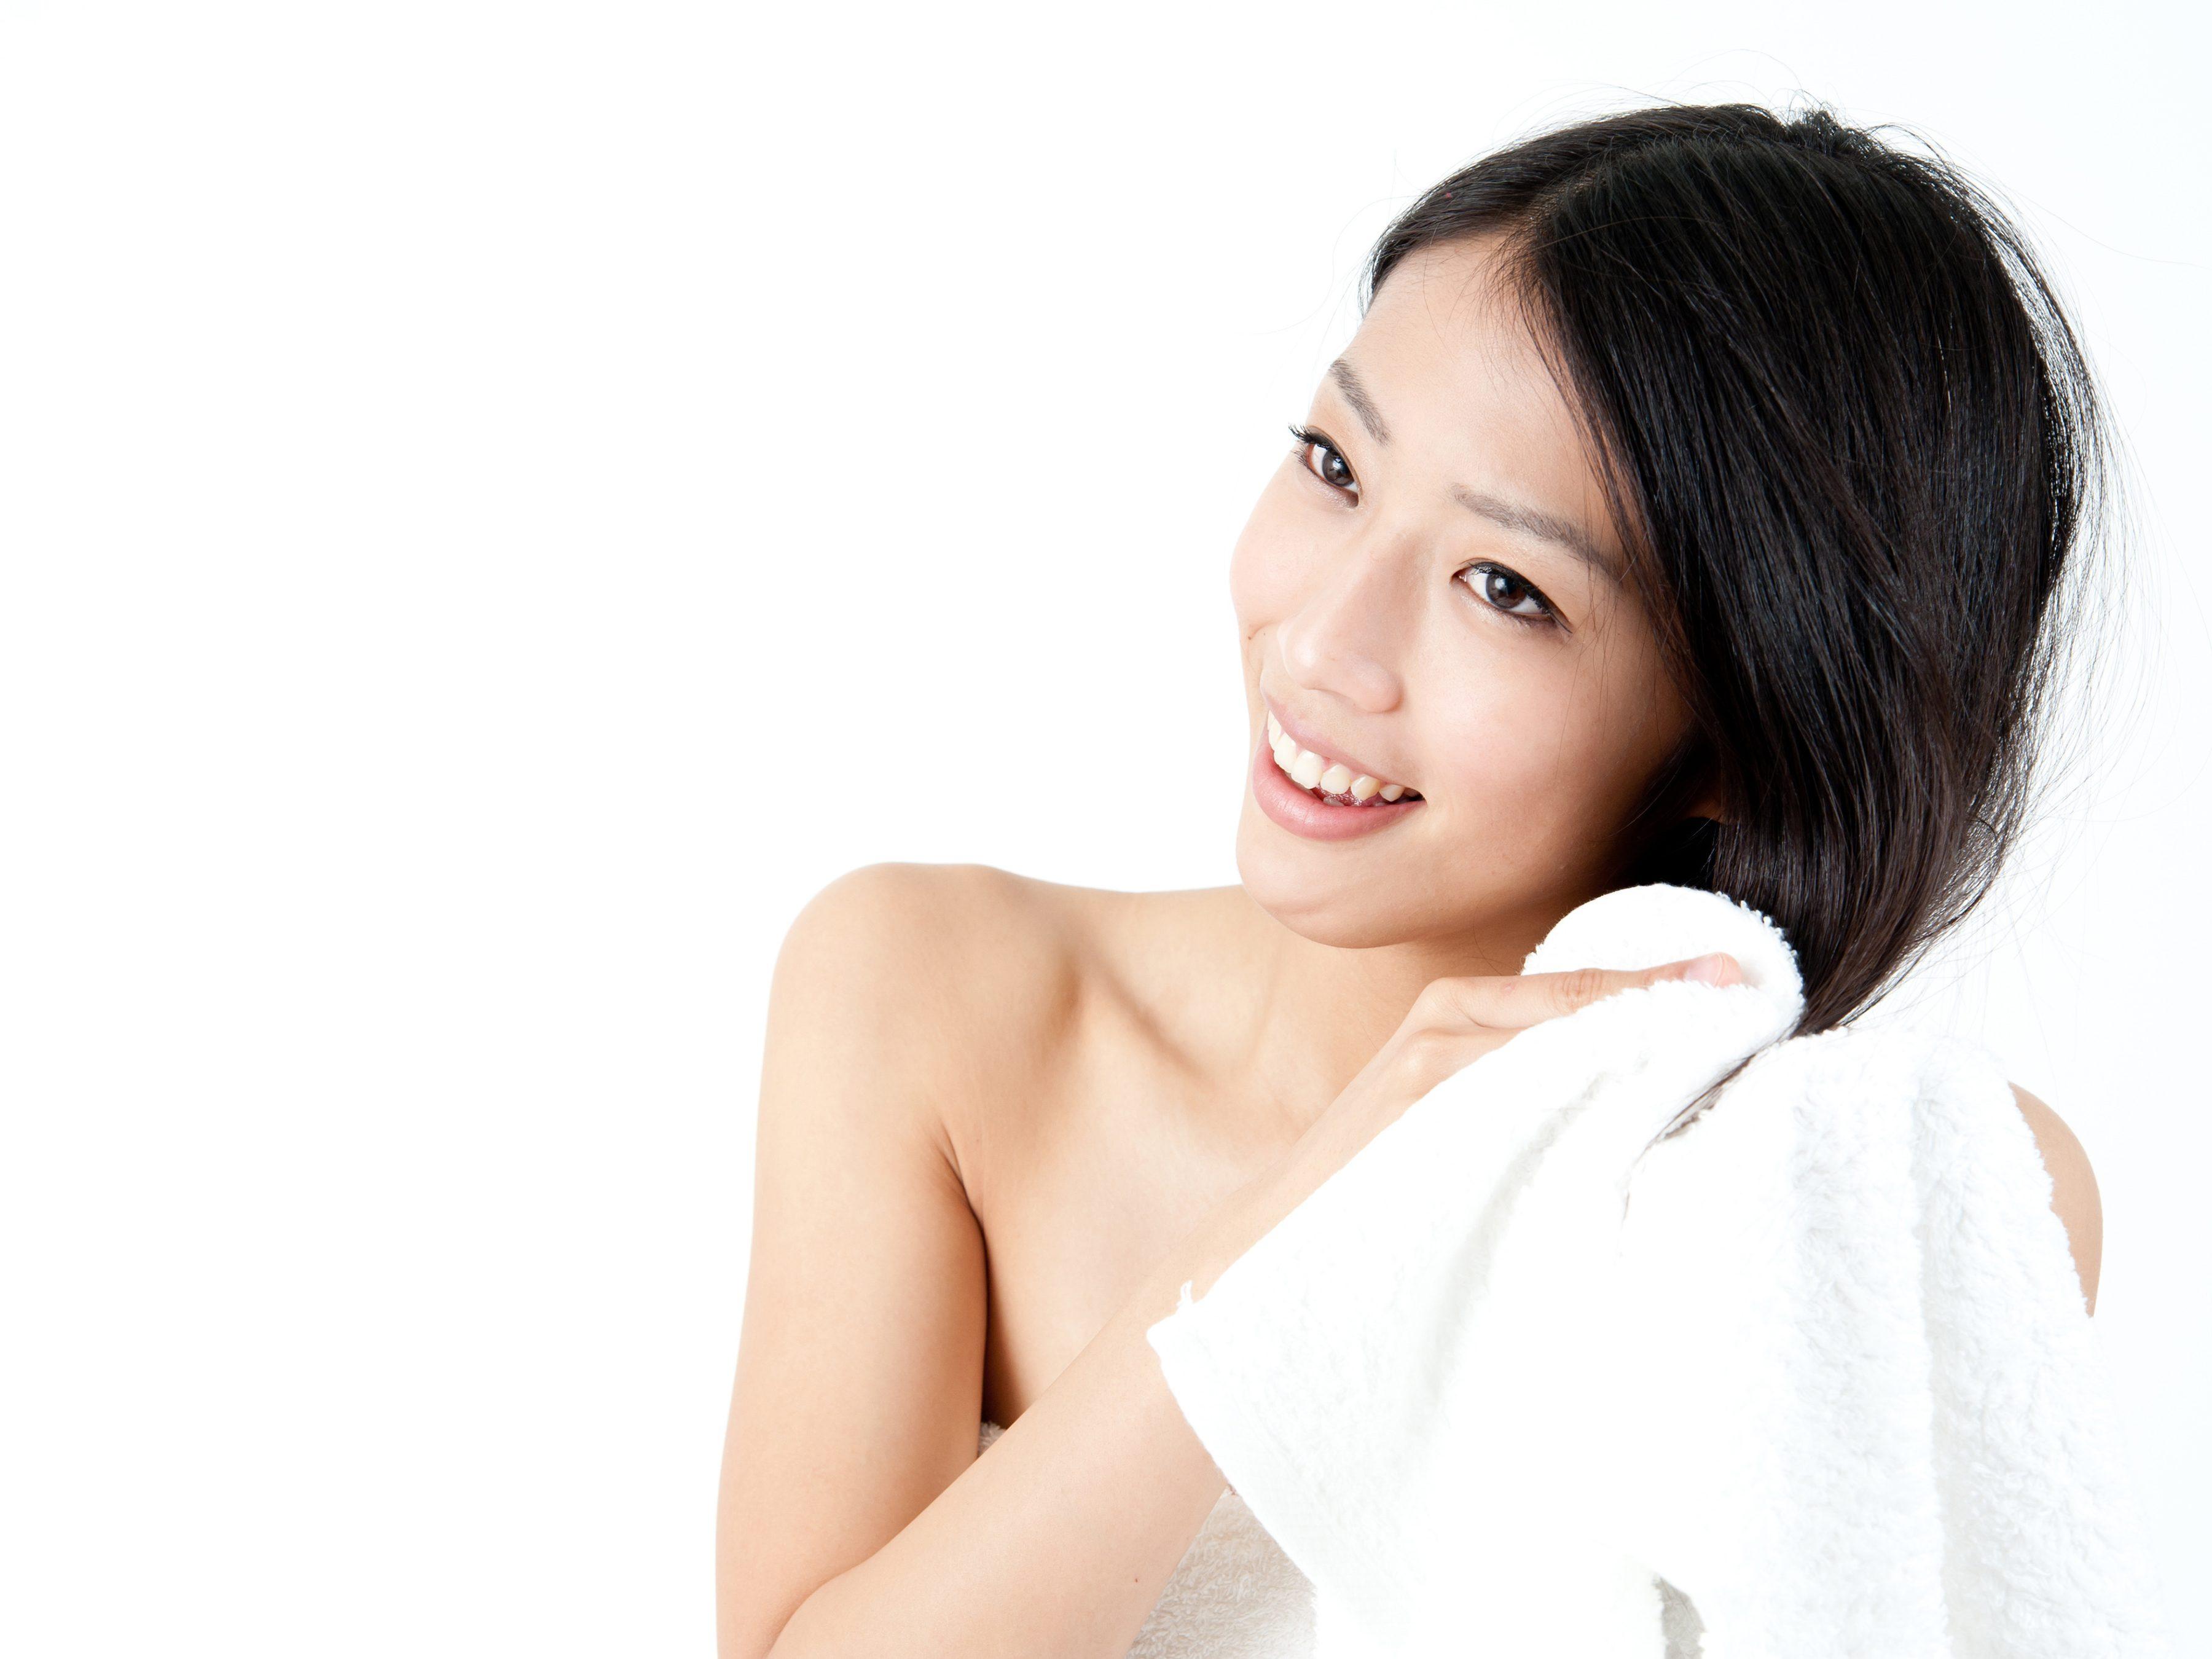 Lupinec riešenie č. 2: Nechajte vlasy na vzduchu suché